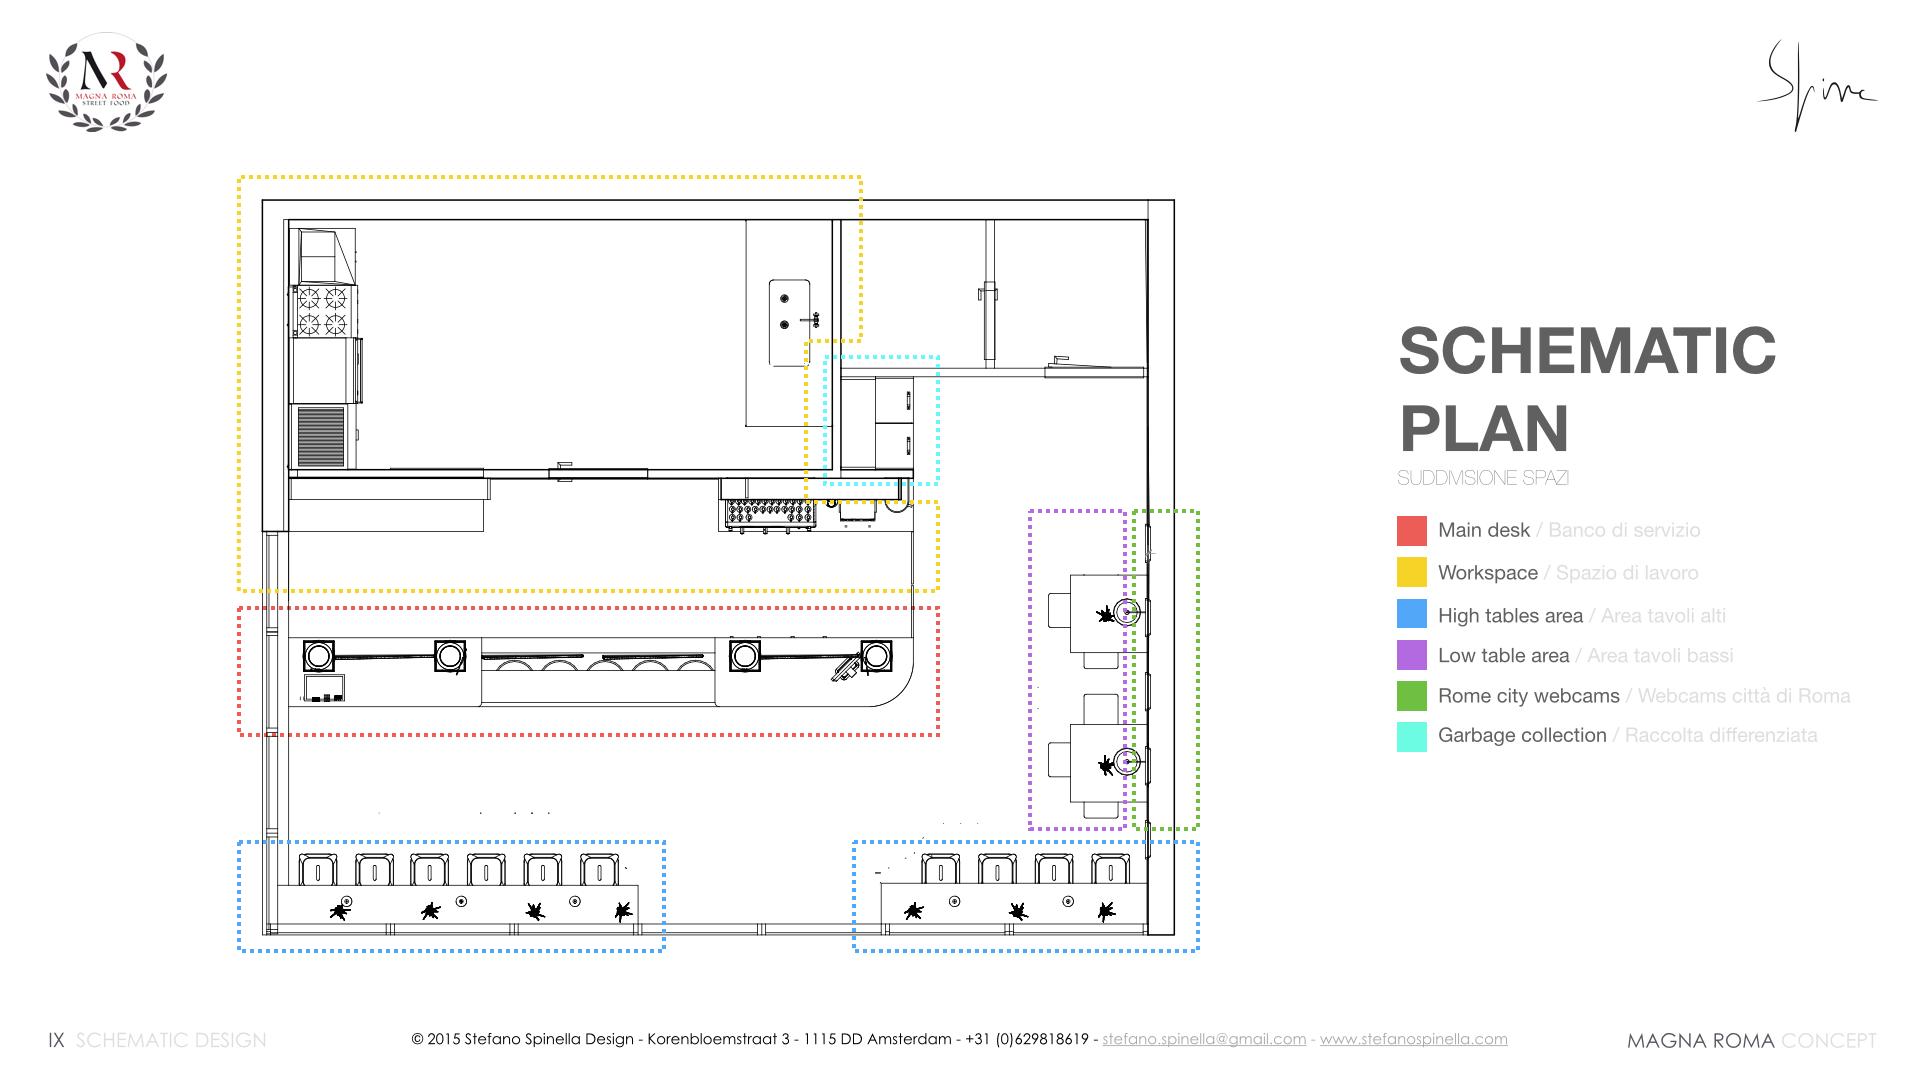 Magna_Roma | Final_Concept_Design 2015_04_23.001.jpg